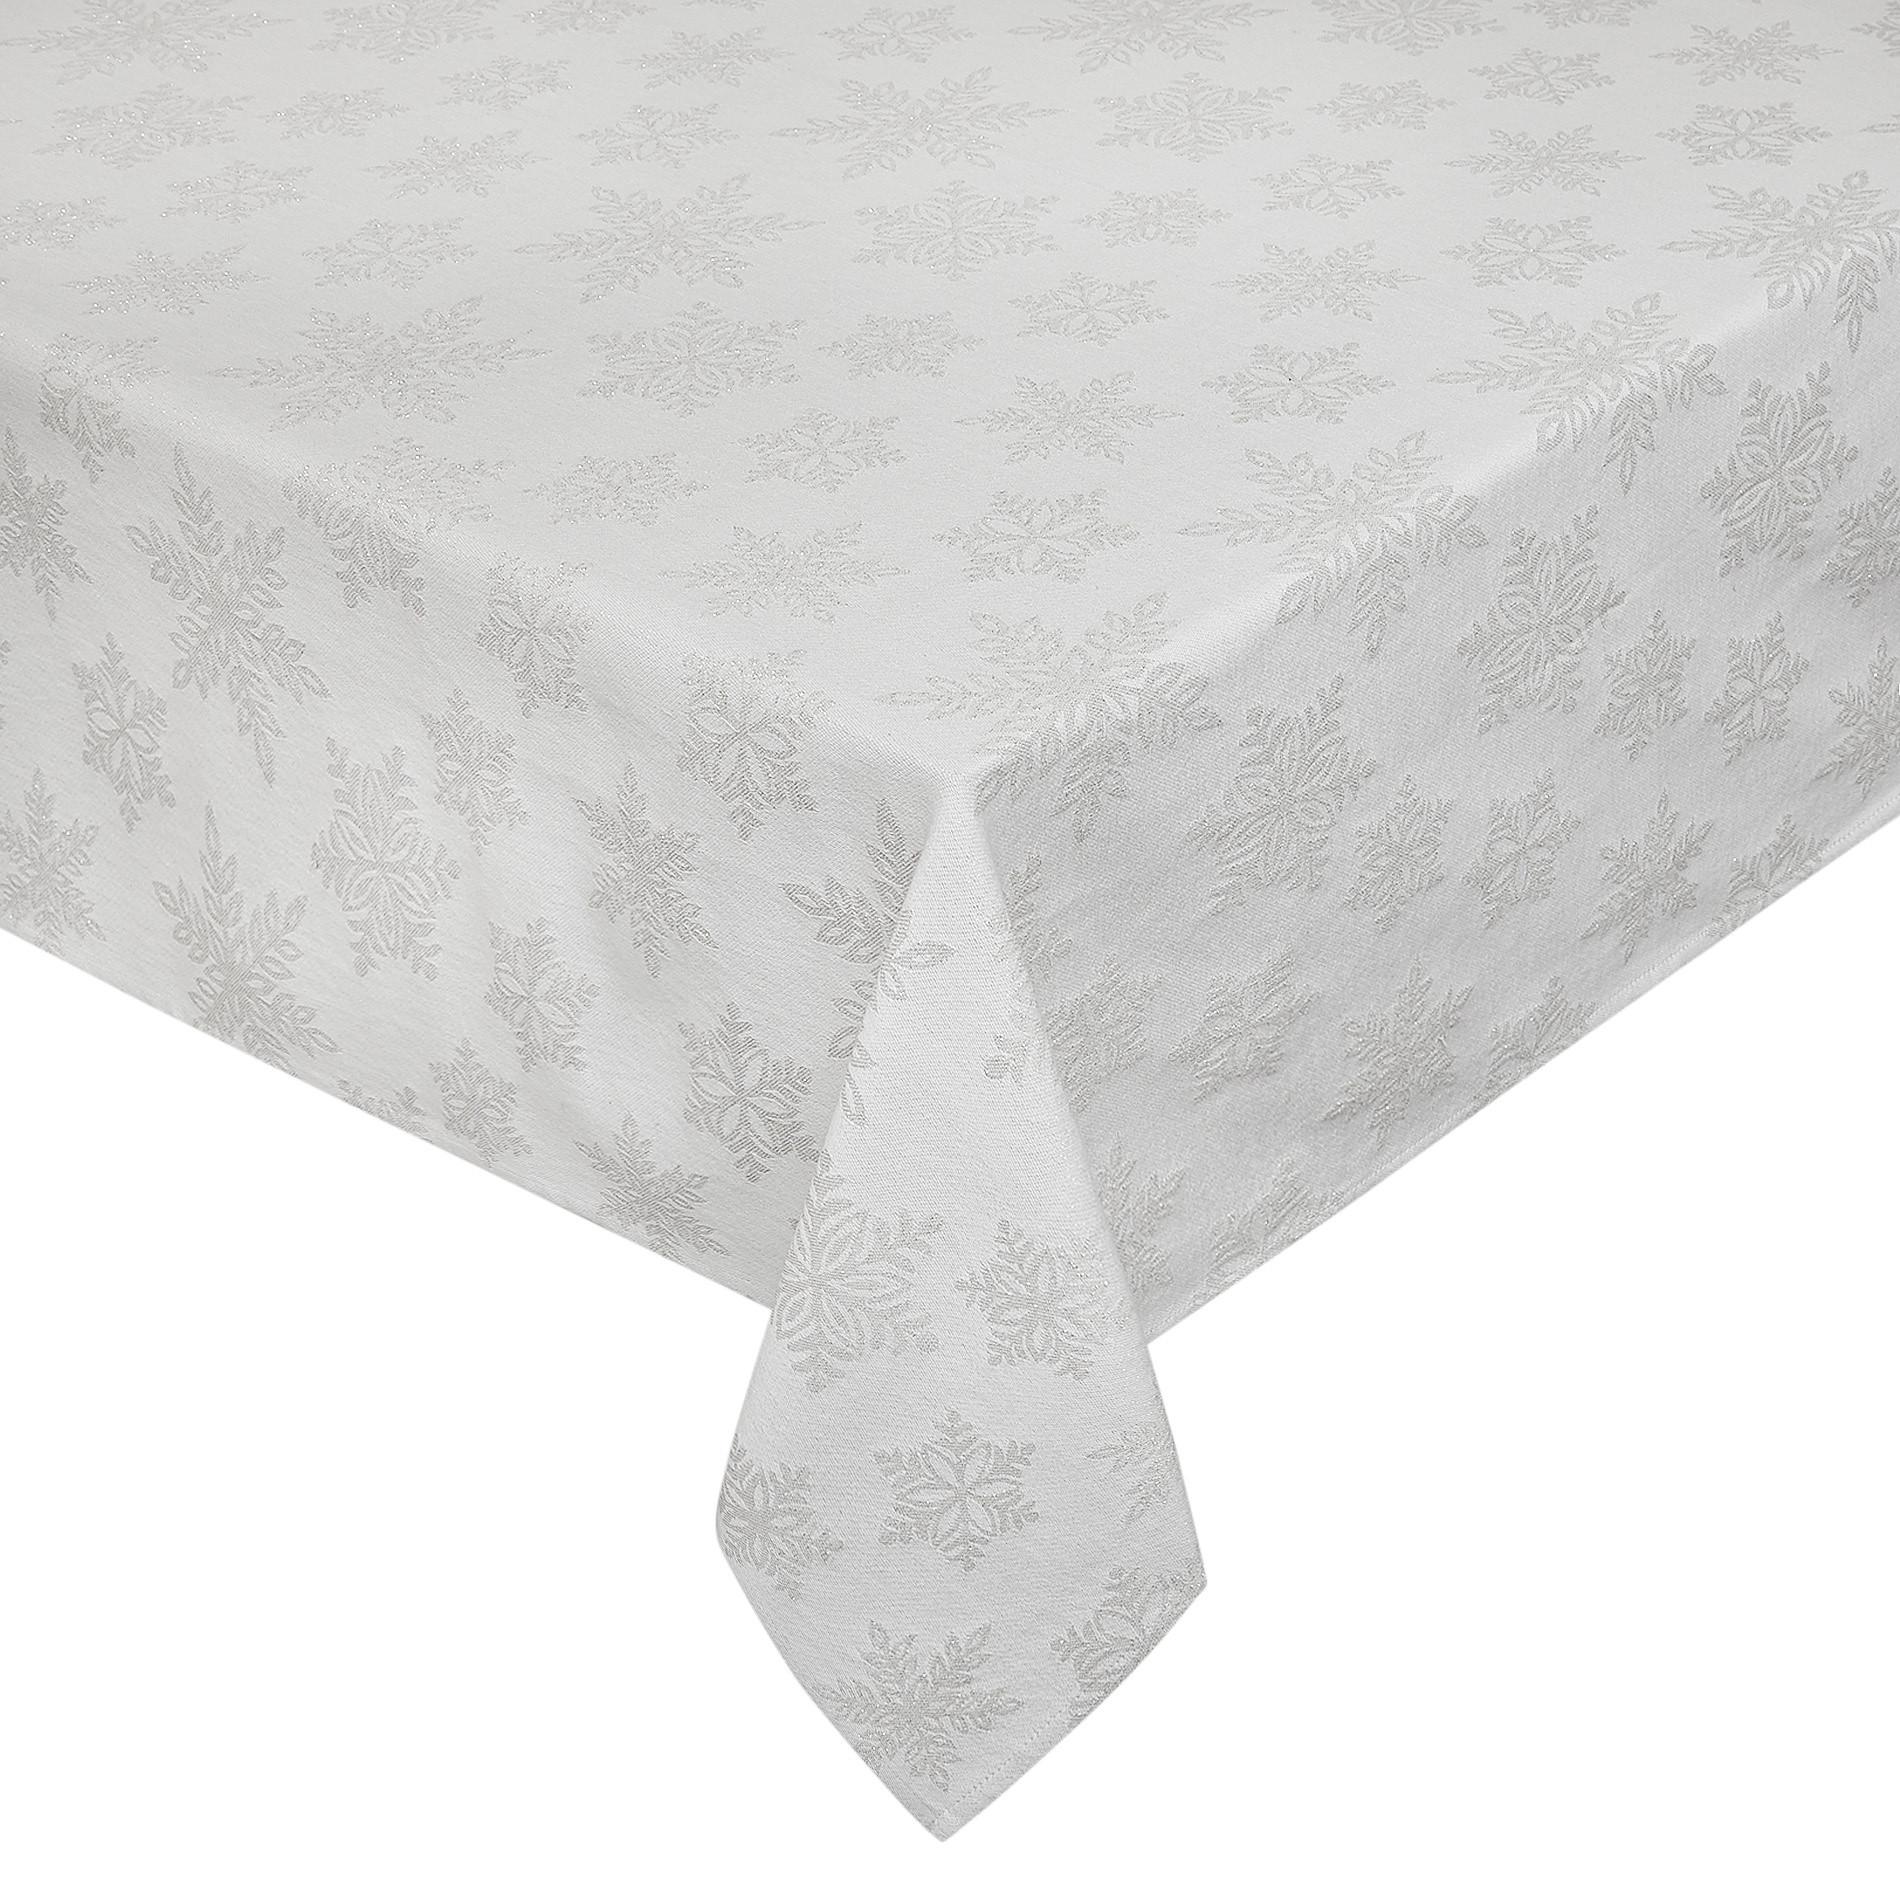 Tovaglia cotone e lurex stampa fiocchi di neve, Bianco, large image number 0